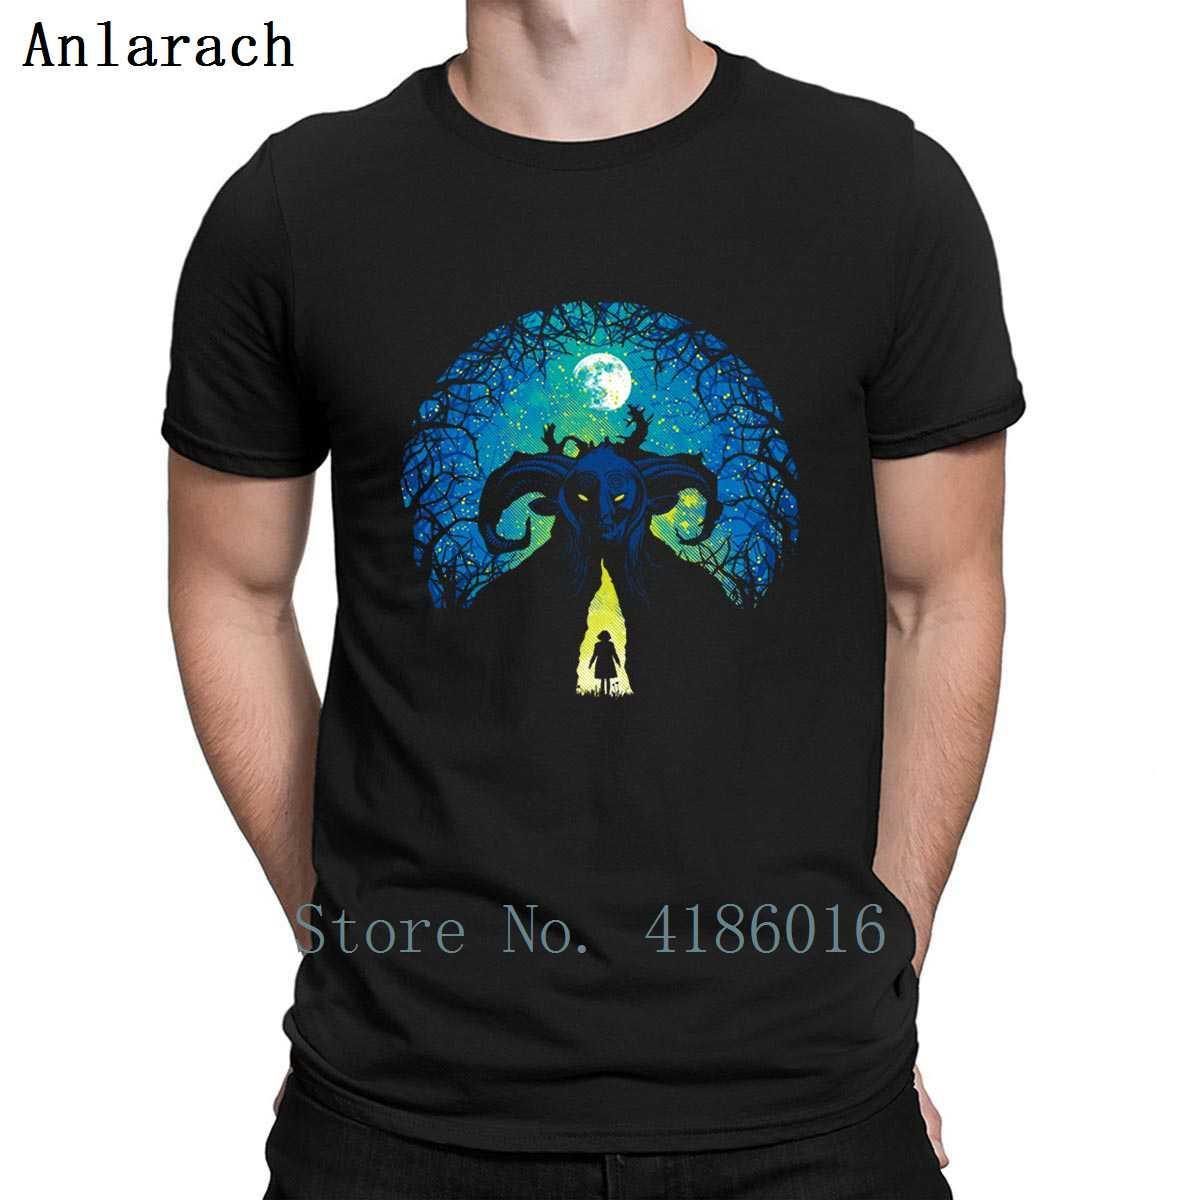 Yeraltı Diyar T Gömlek Özgün Baskı Eşsiz Yaz Stili S-XXXXXL Kısa Kollu Yenilik Grafik Gömlek